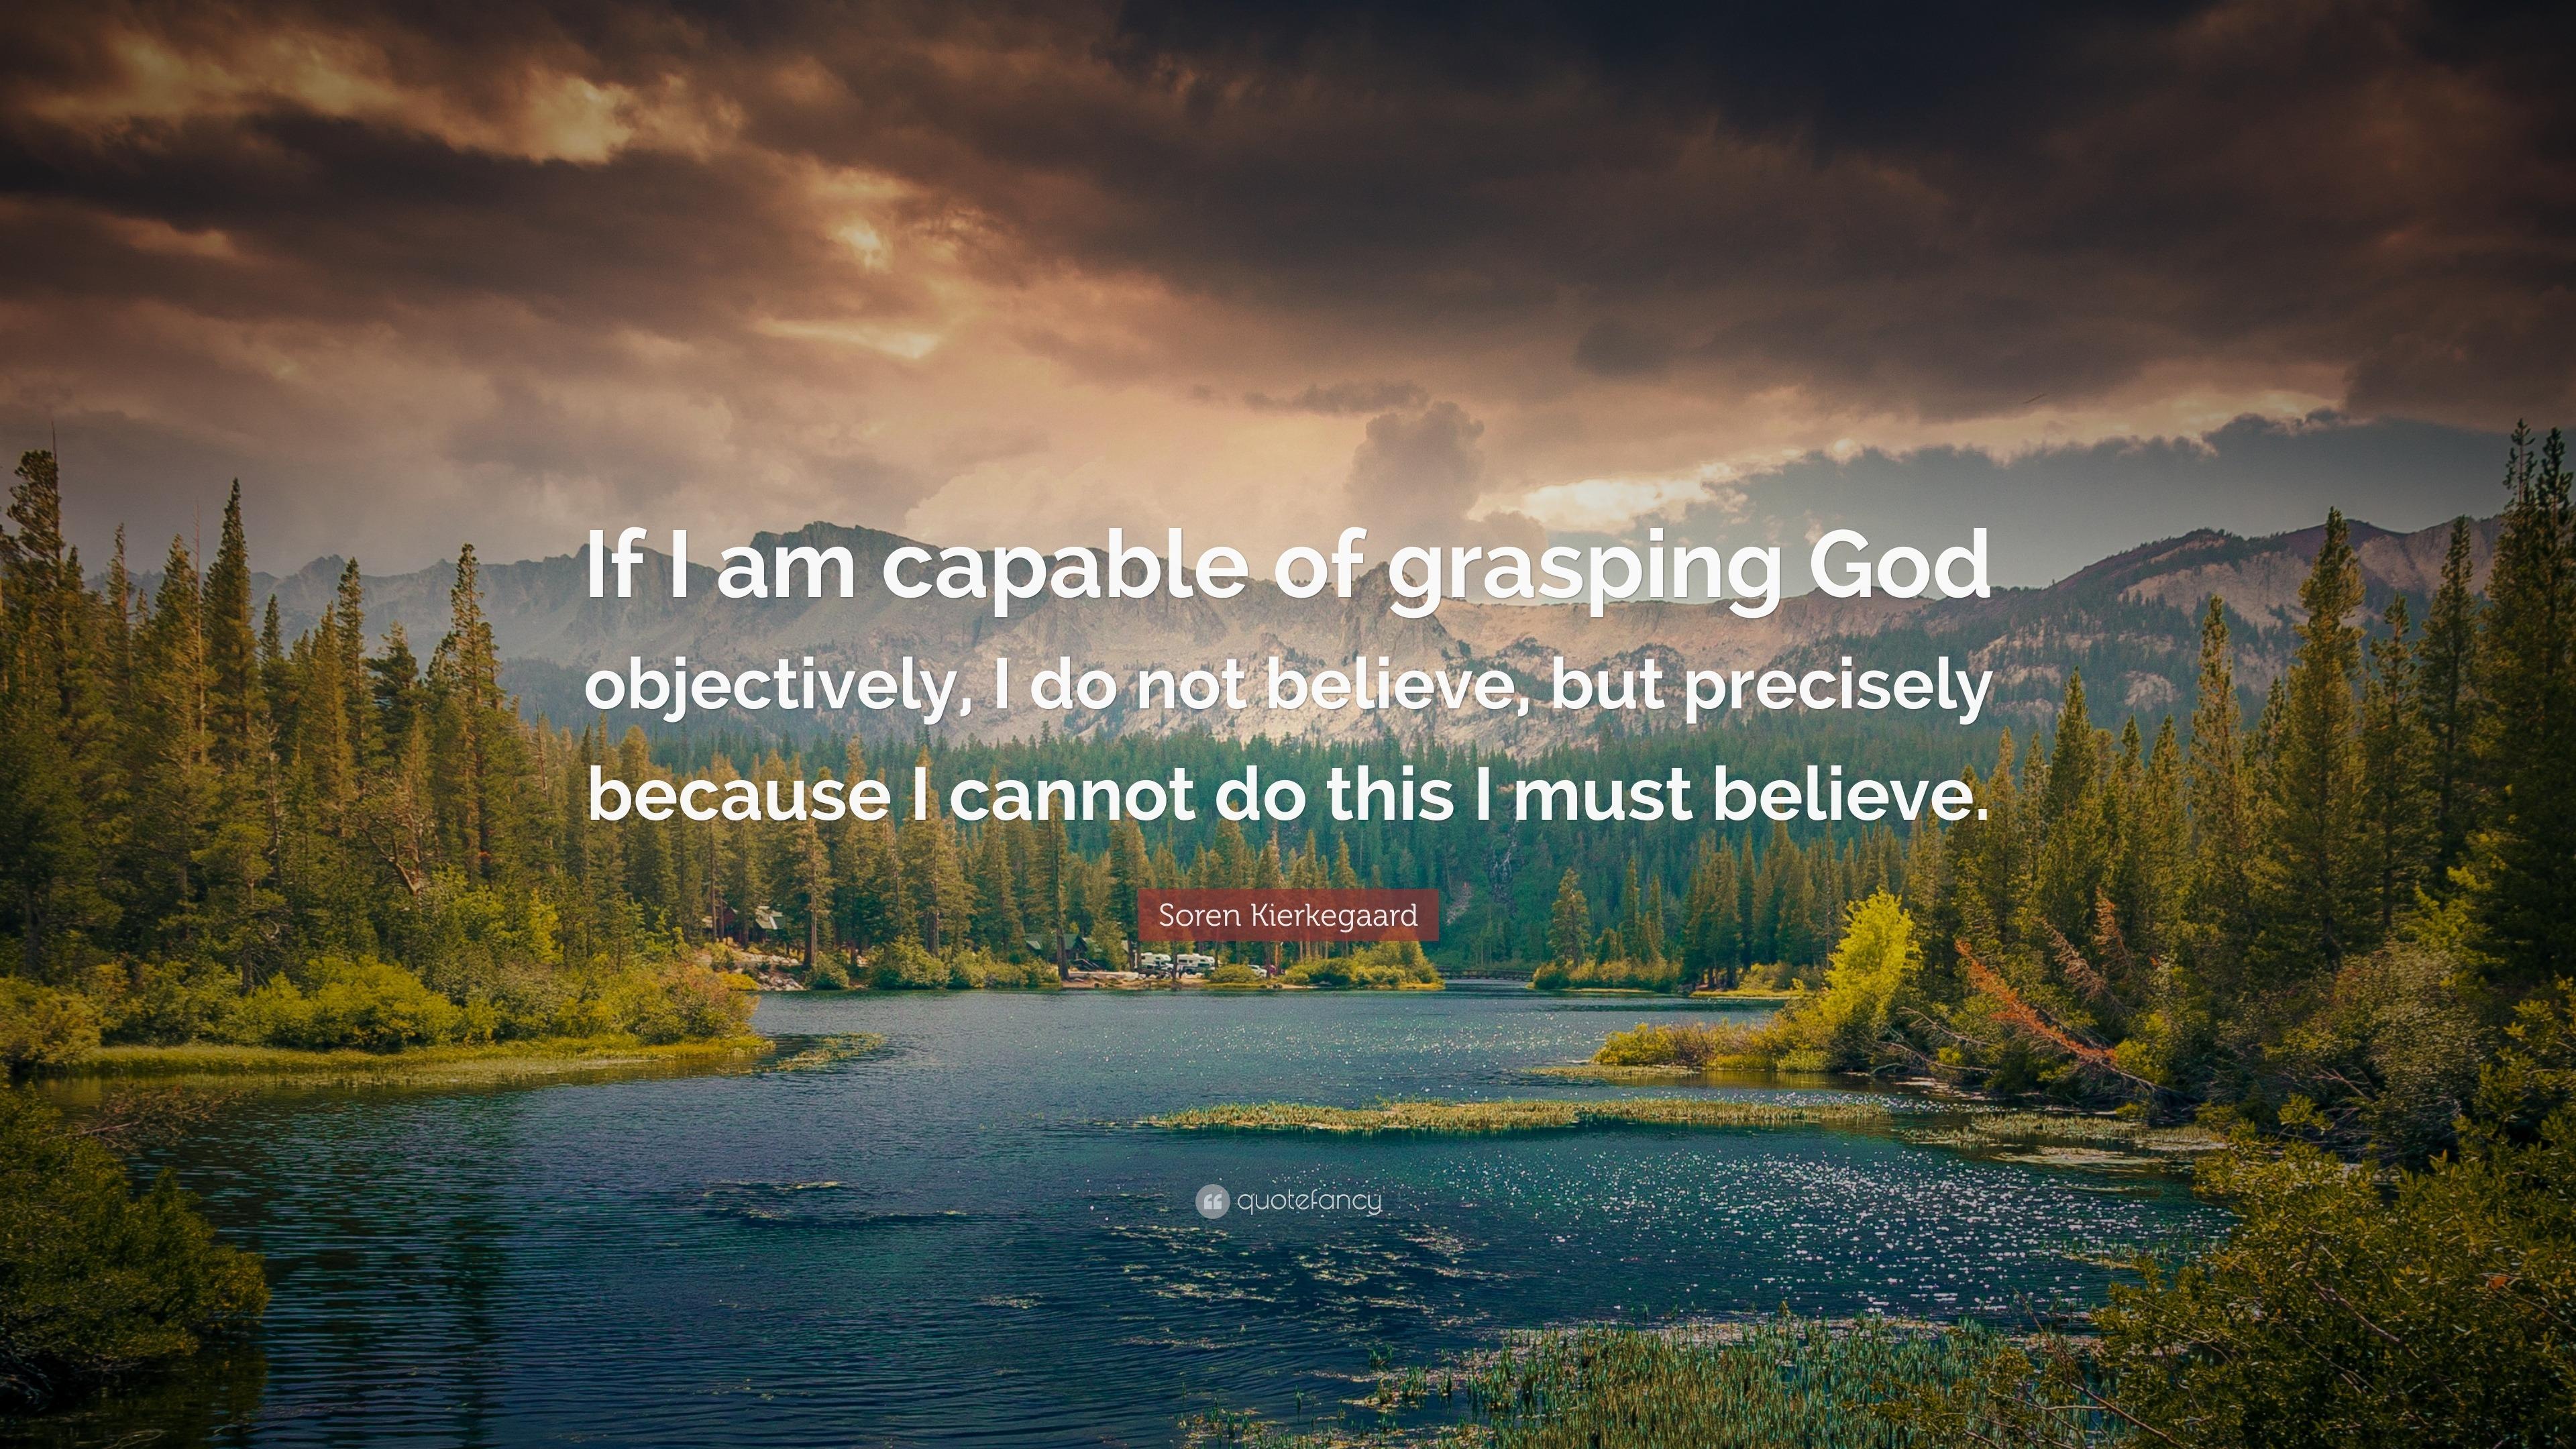 """Soren Kierkegaard Quotes 100 Wallpapers: Soren Kierkegaard Quote: """"If I Am Capable Of Grasping God"""